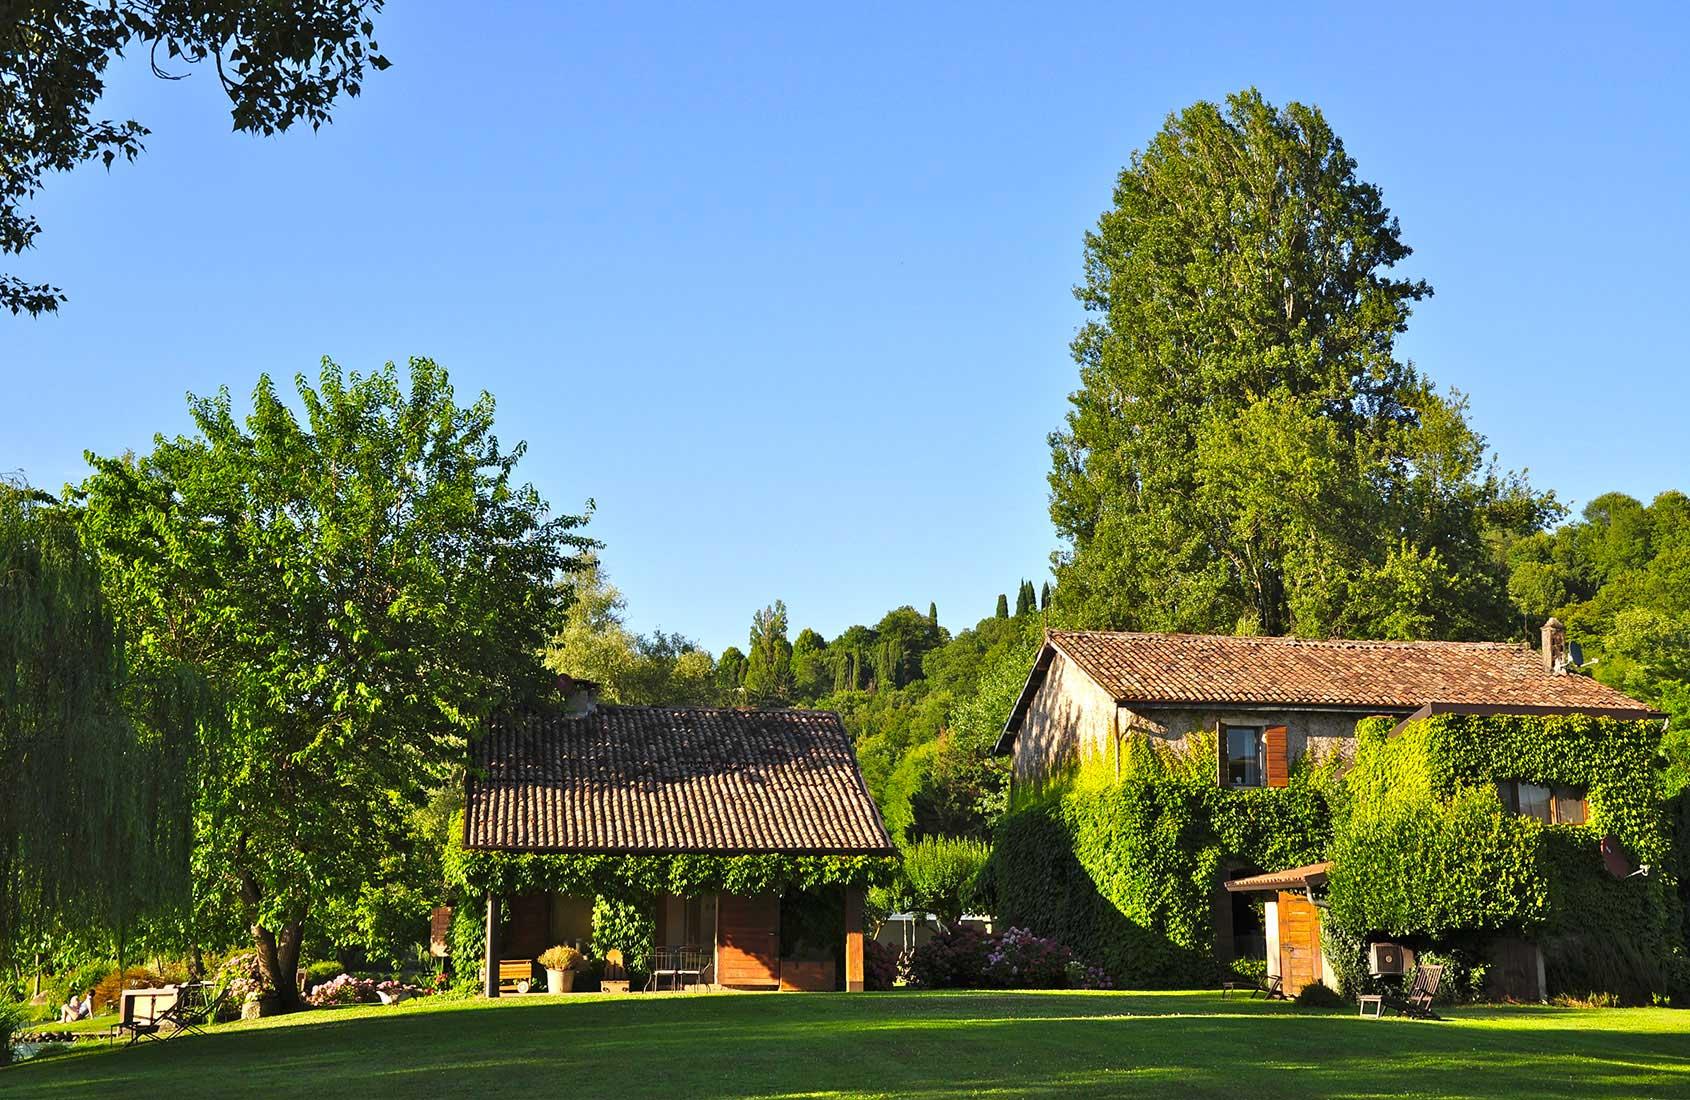 Realizzazione parchi brescia mantova verona 3g giardini - La finestra sul giardino ...